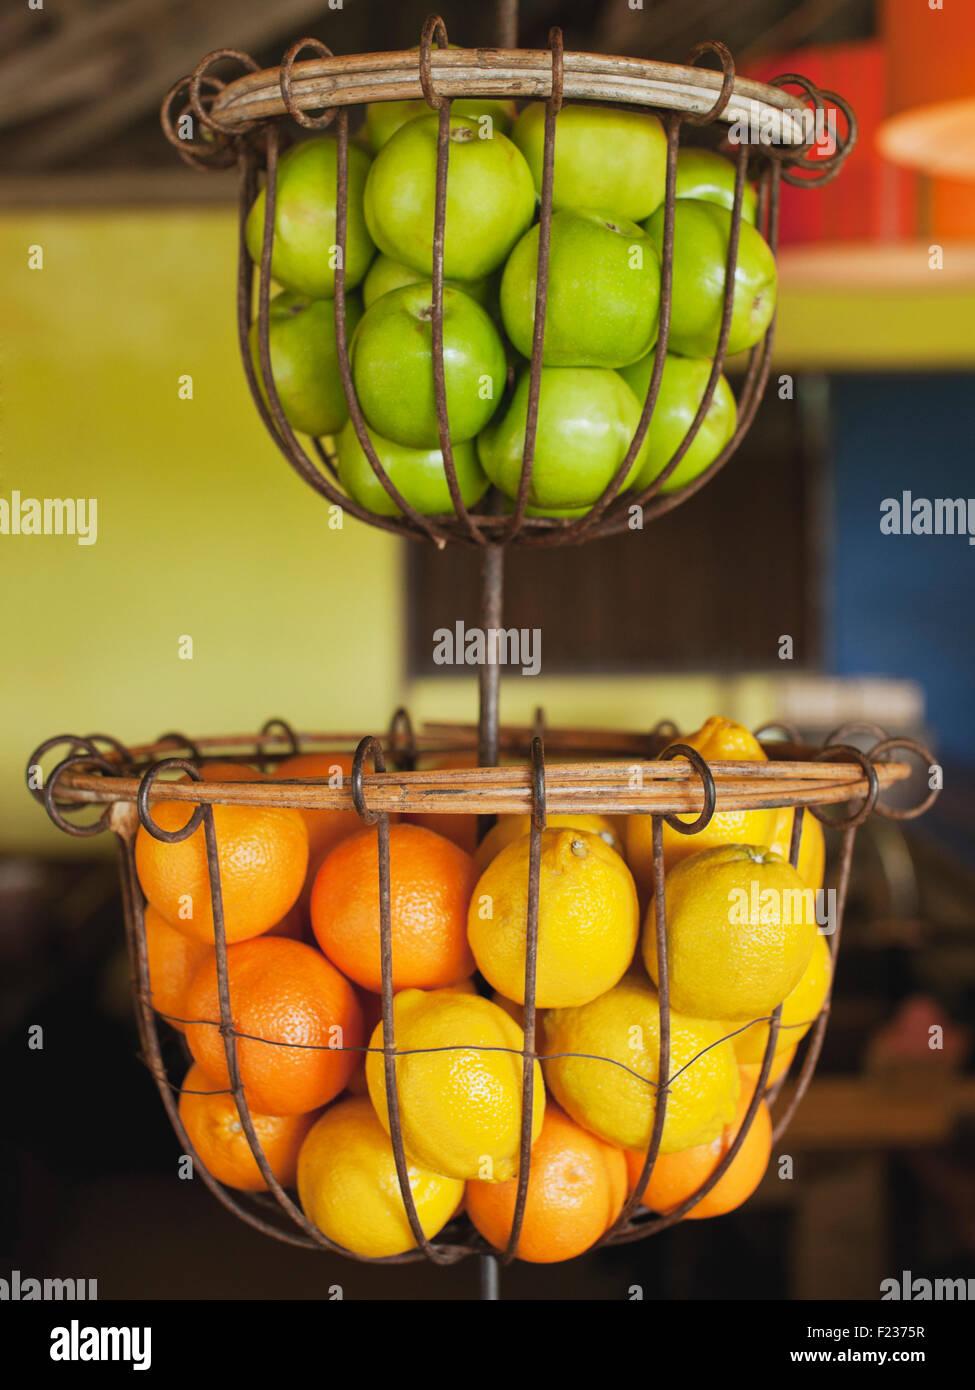 Paniers de pommes vertes, oranges, citrons et à Nam restaurant Au Bon Ton Resort. Langkawi, Malaisie Photo Stock